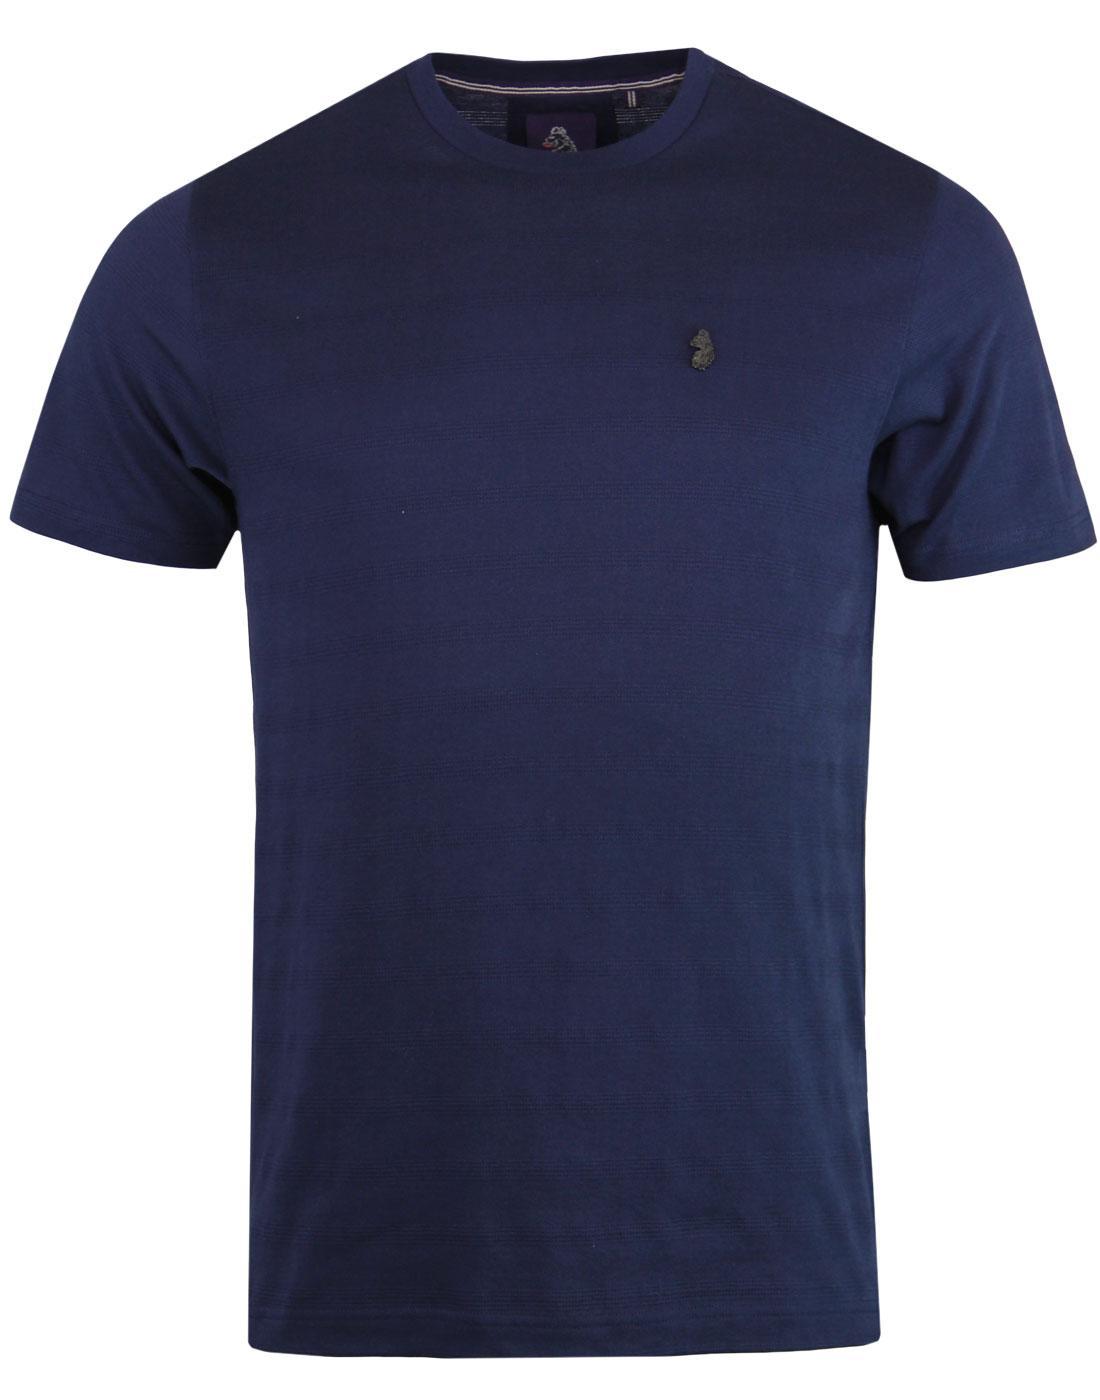 Cultraised LUKE Retro Micro Rib Crew T-shirt NAVY